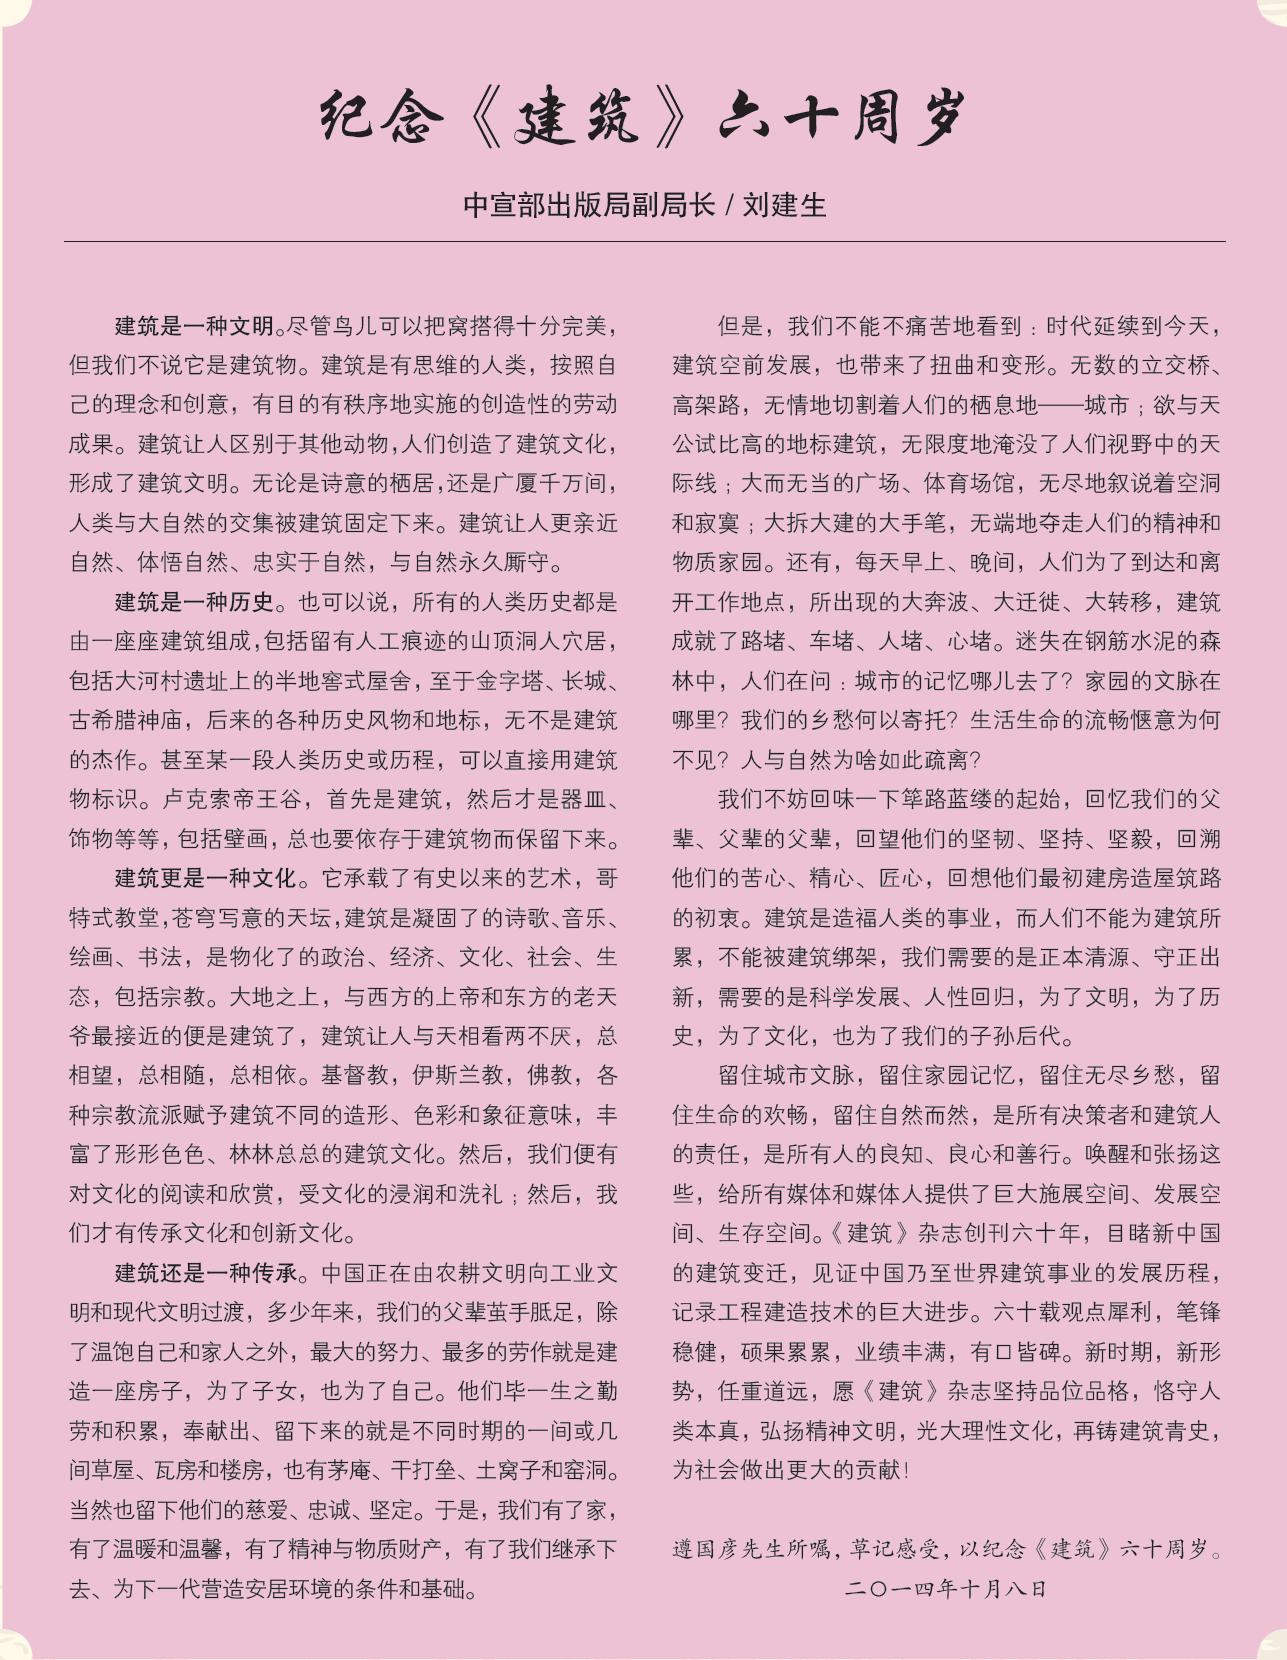 中宣部出版局副局长  刘建生